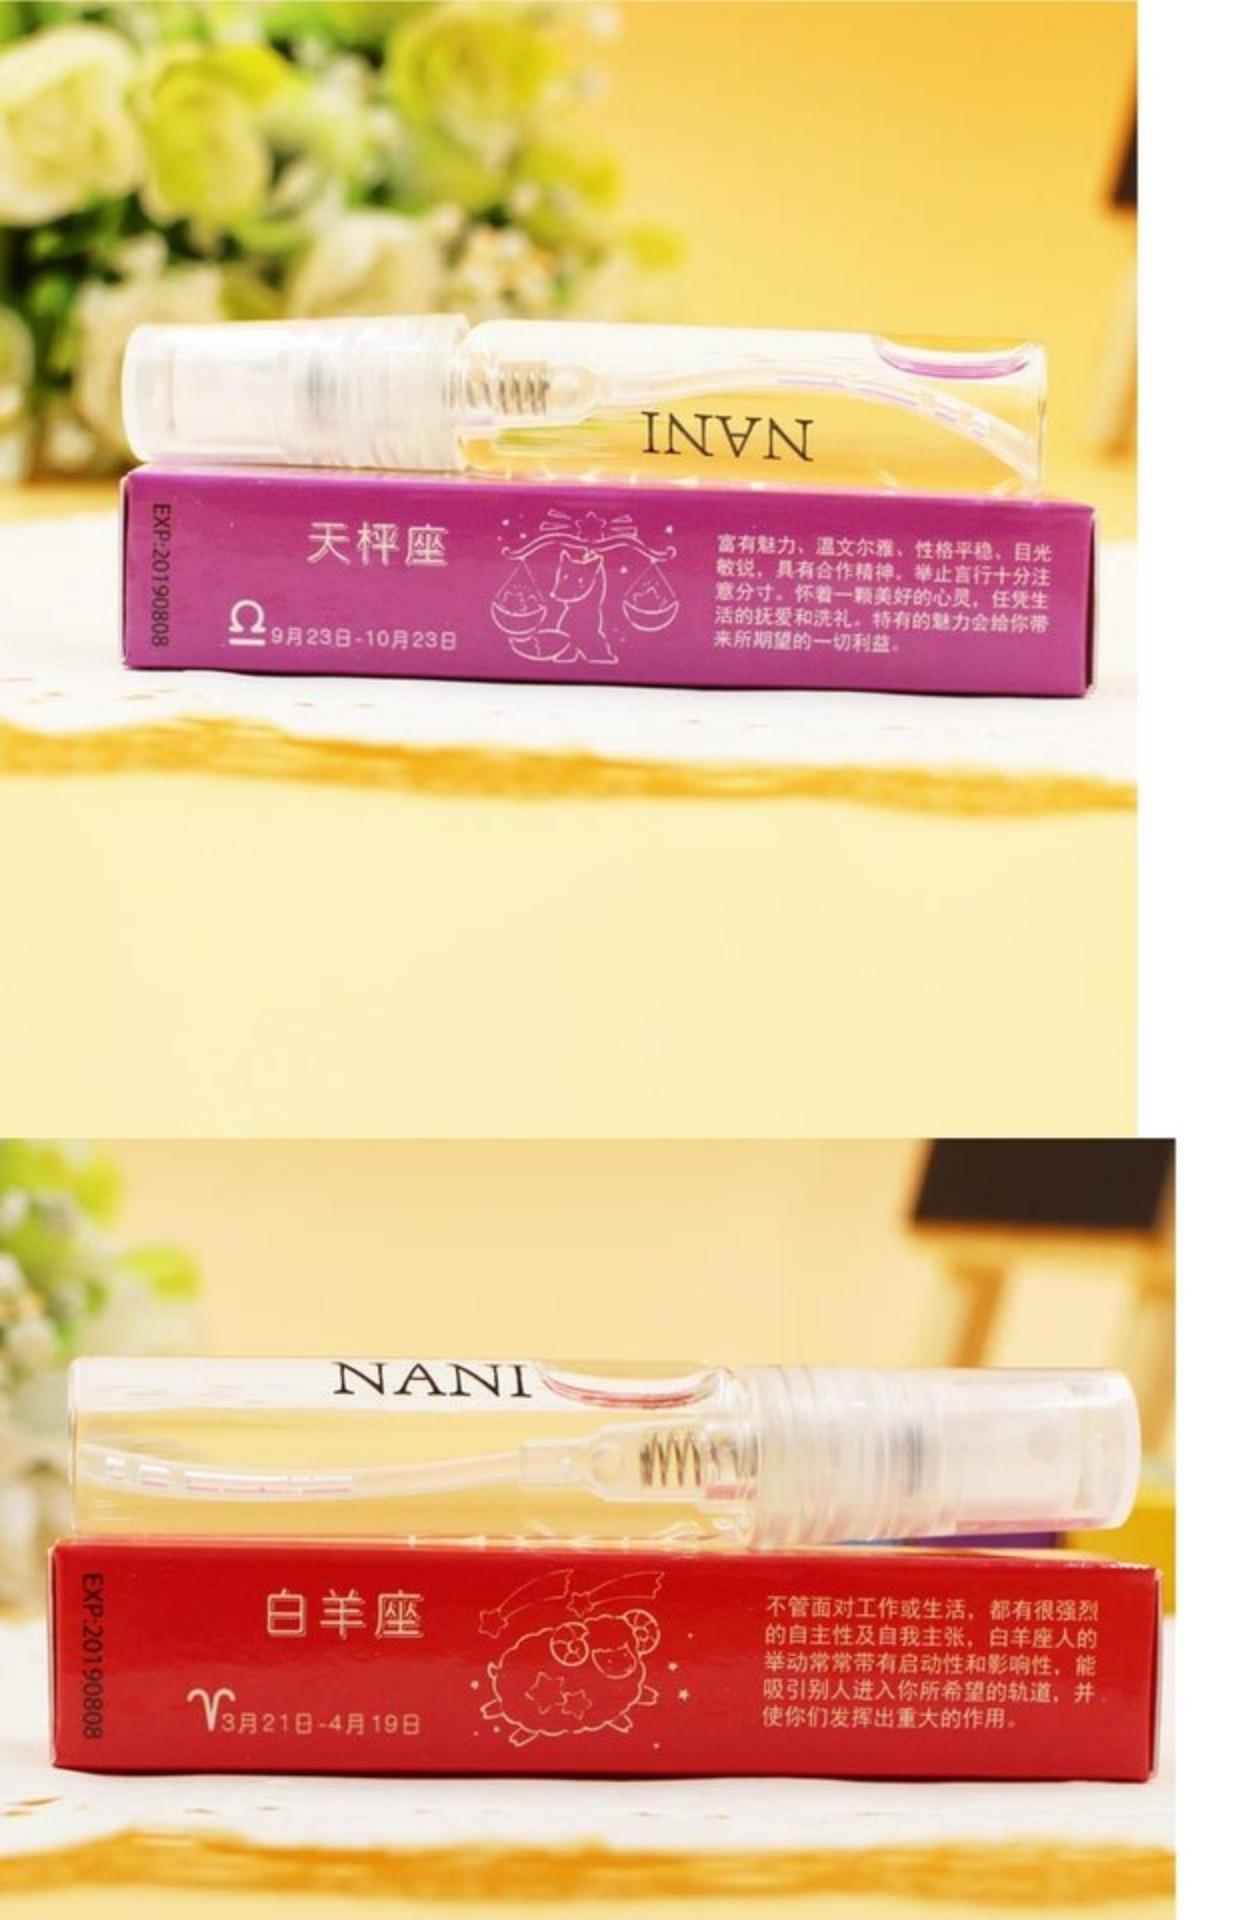 Nước hoa NANI - 12 chòm sao (5ml)